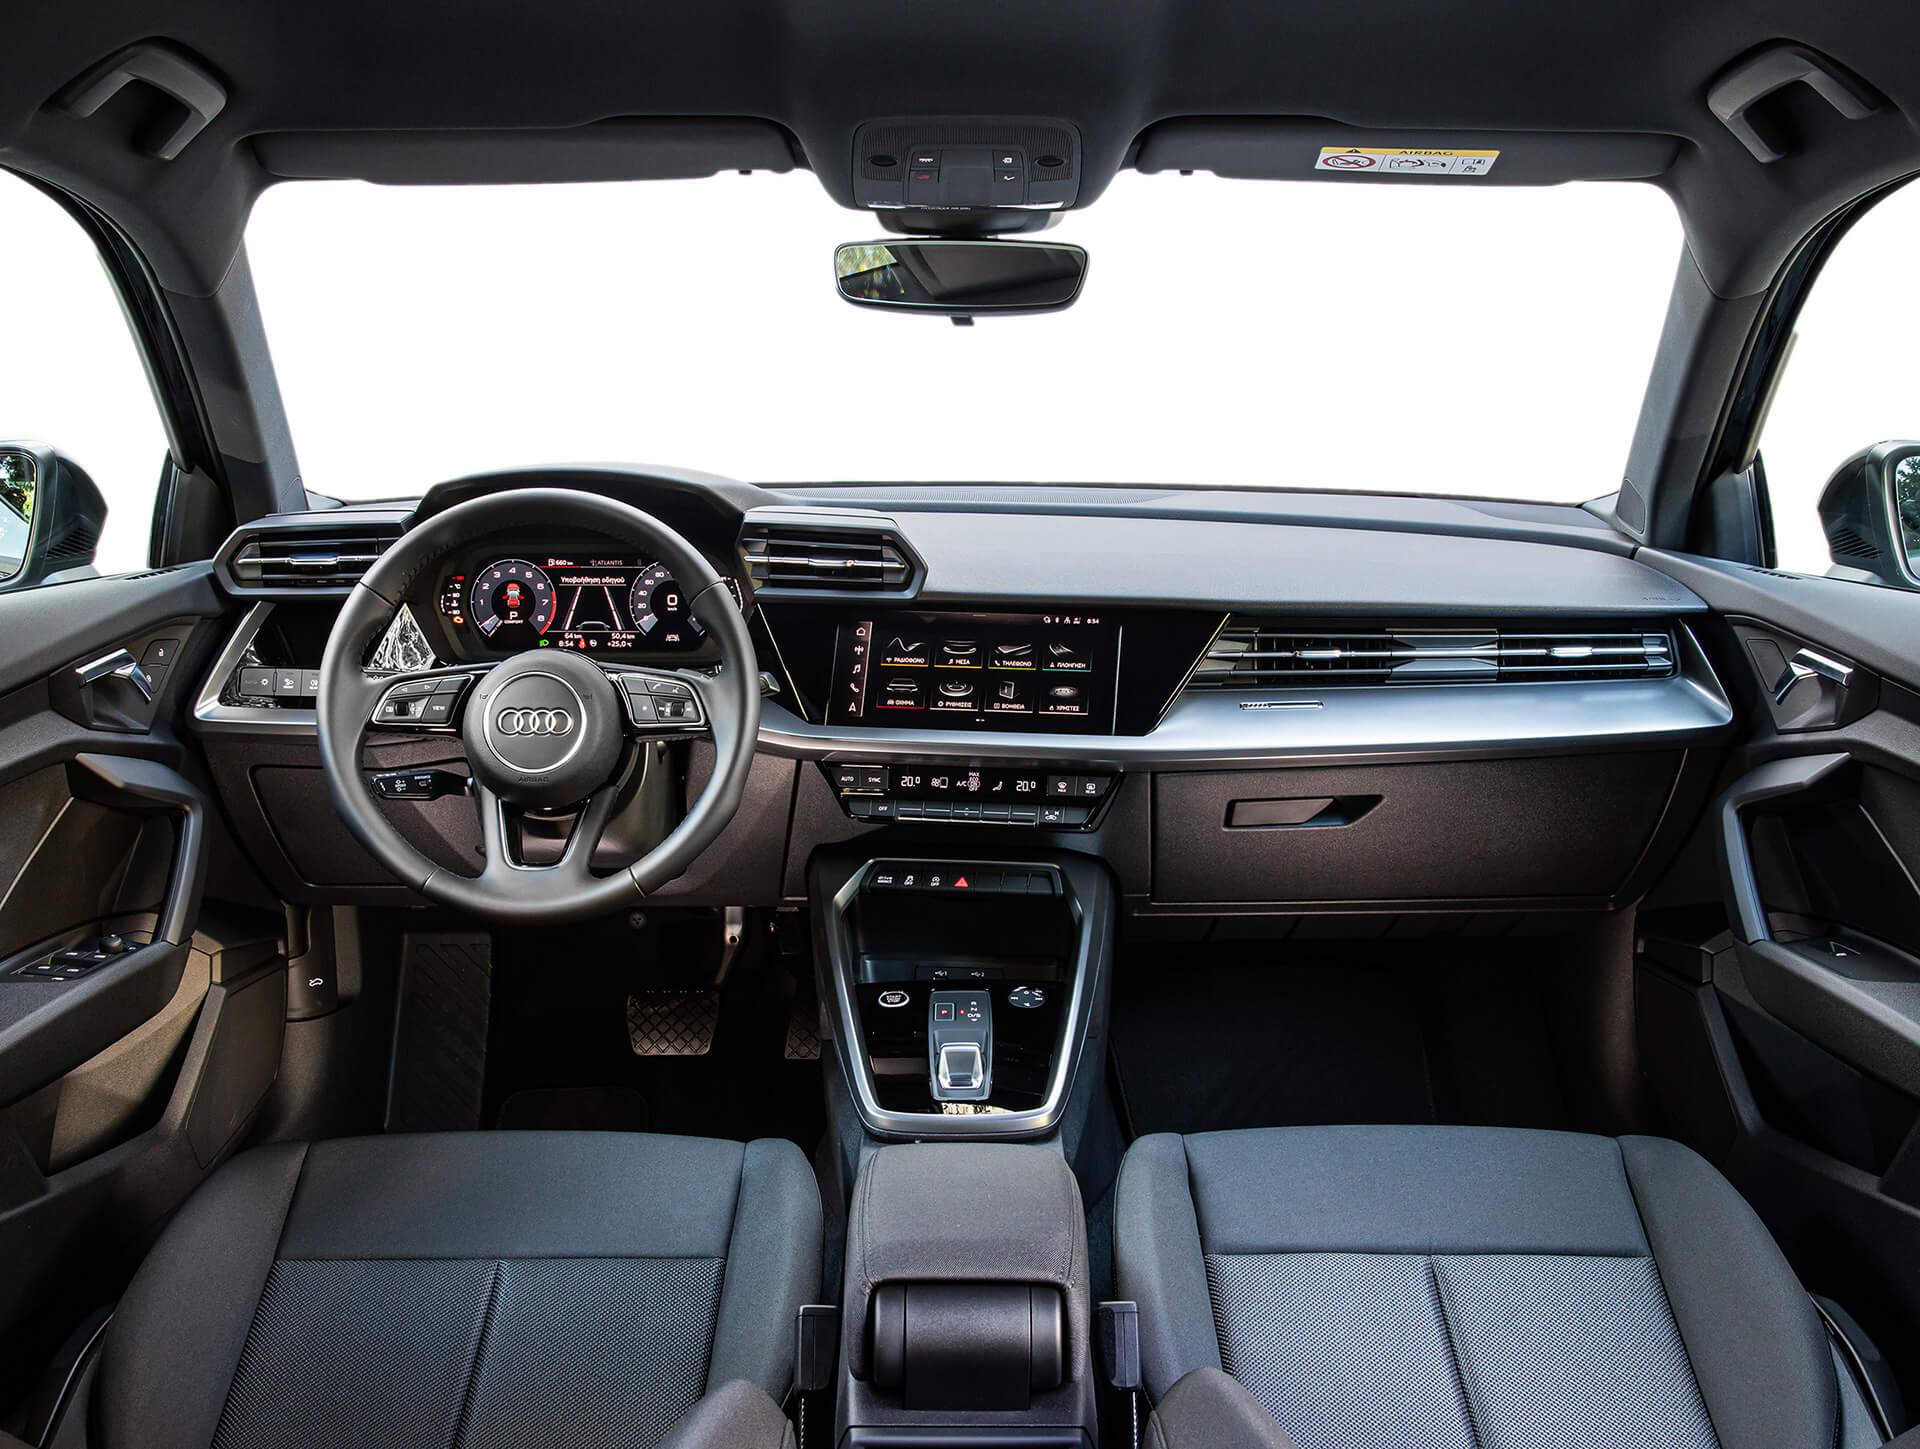 Νέο Audi A3 Sportback - Εσωτερικό υψηλής ποιότητας